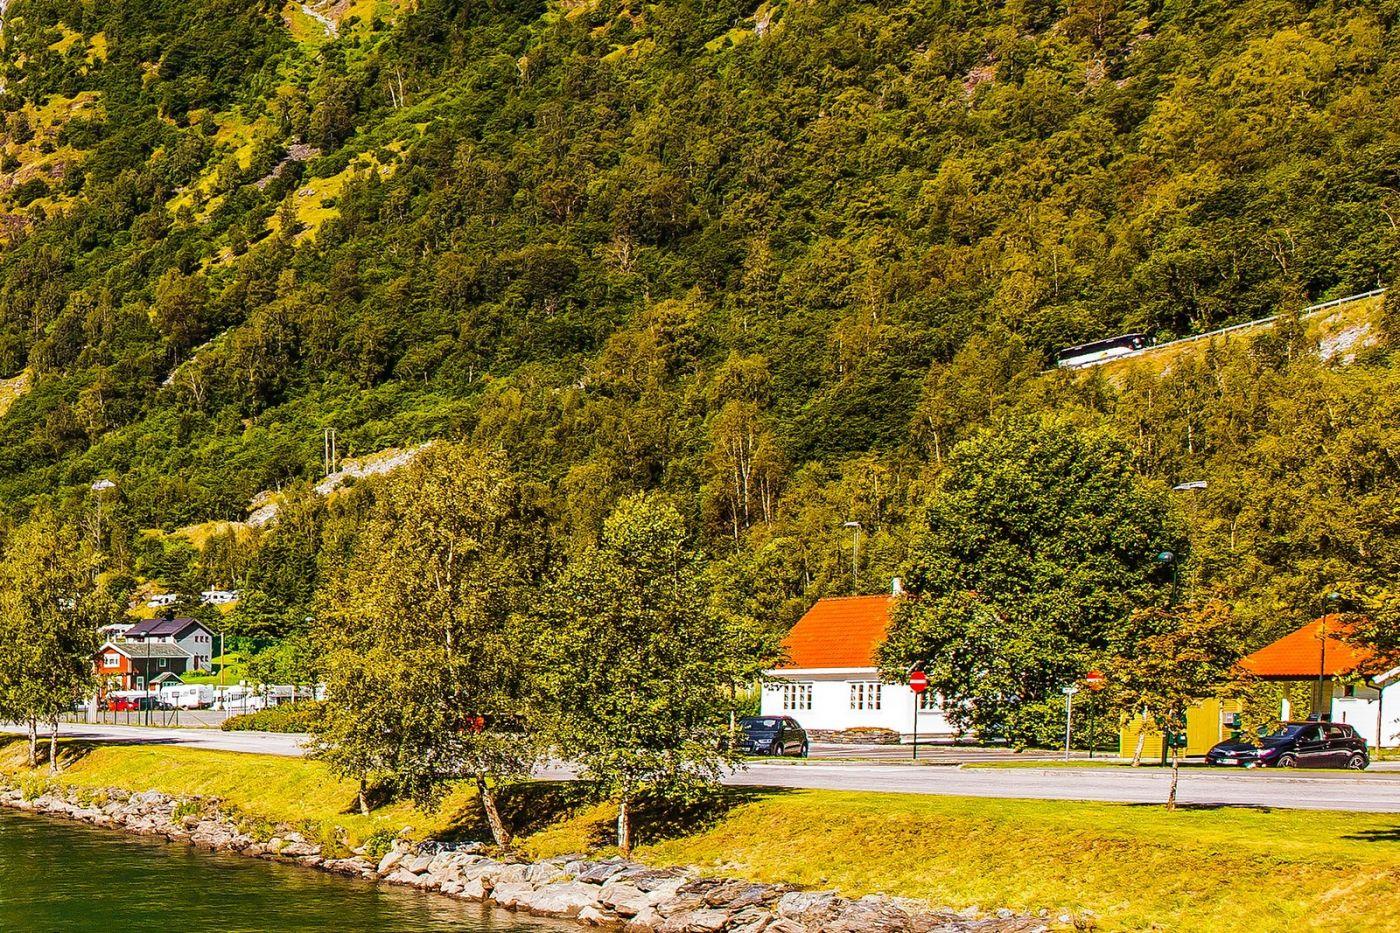 挪威弗拉姆铁路(Flam Railway),美丽的小站_图1-29